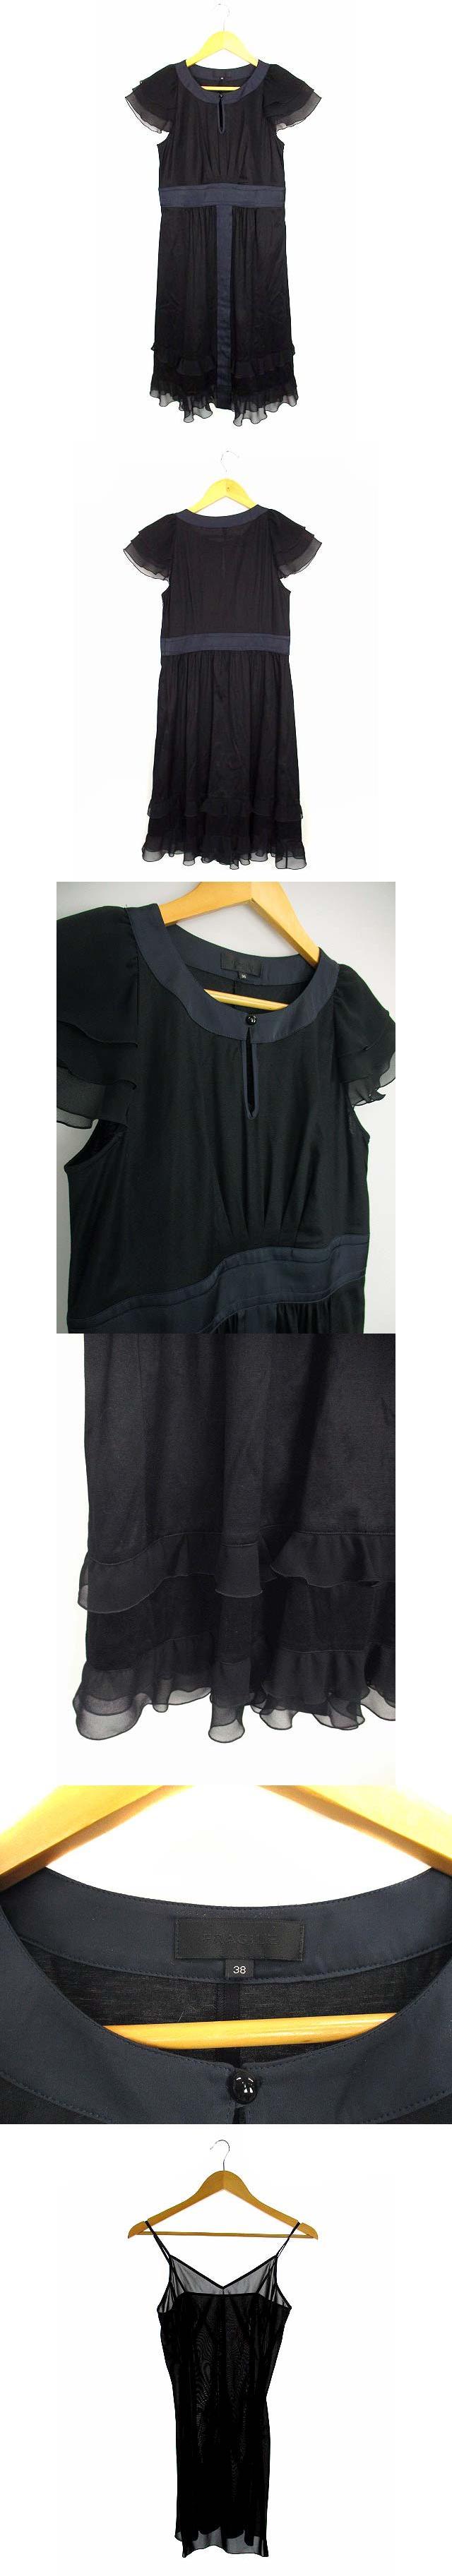 ワンピース ラッフル フリル ティアード シフォン 半袖 ひざ丈 バイカラー 無地 ブラック ネイビー 黒 紺 38